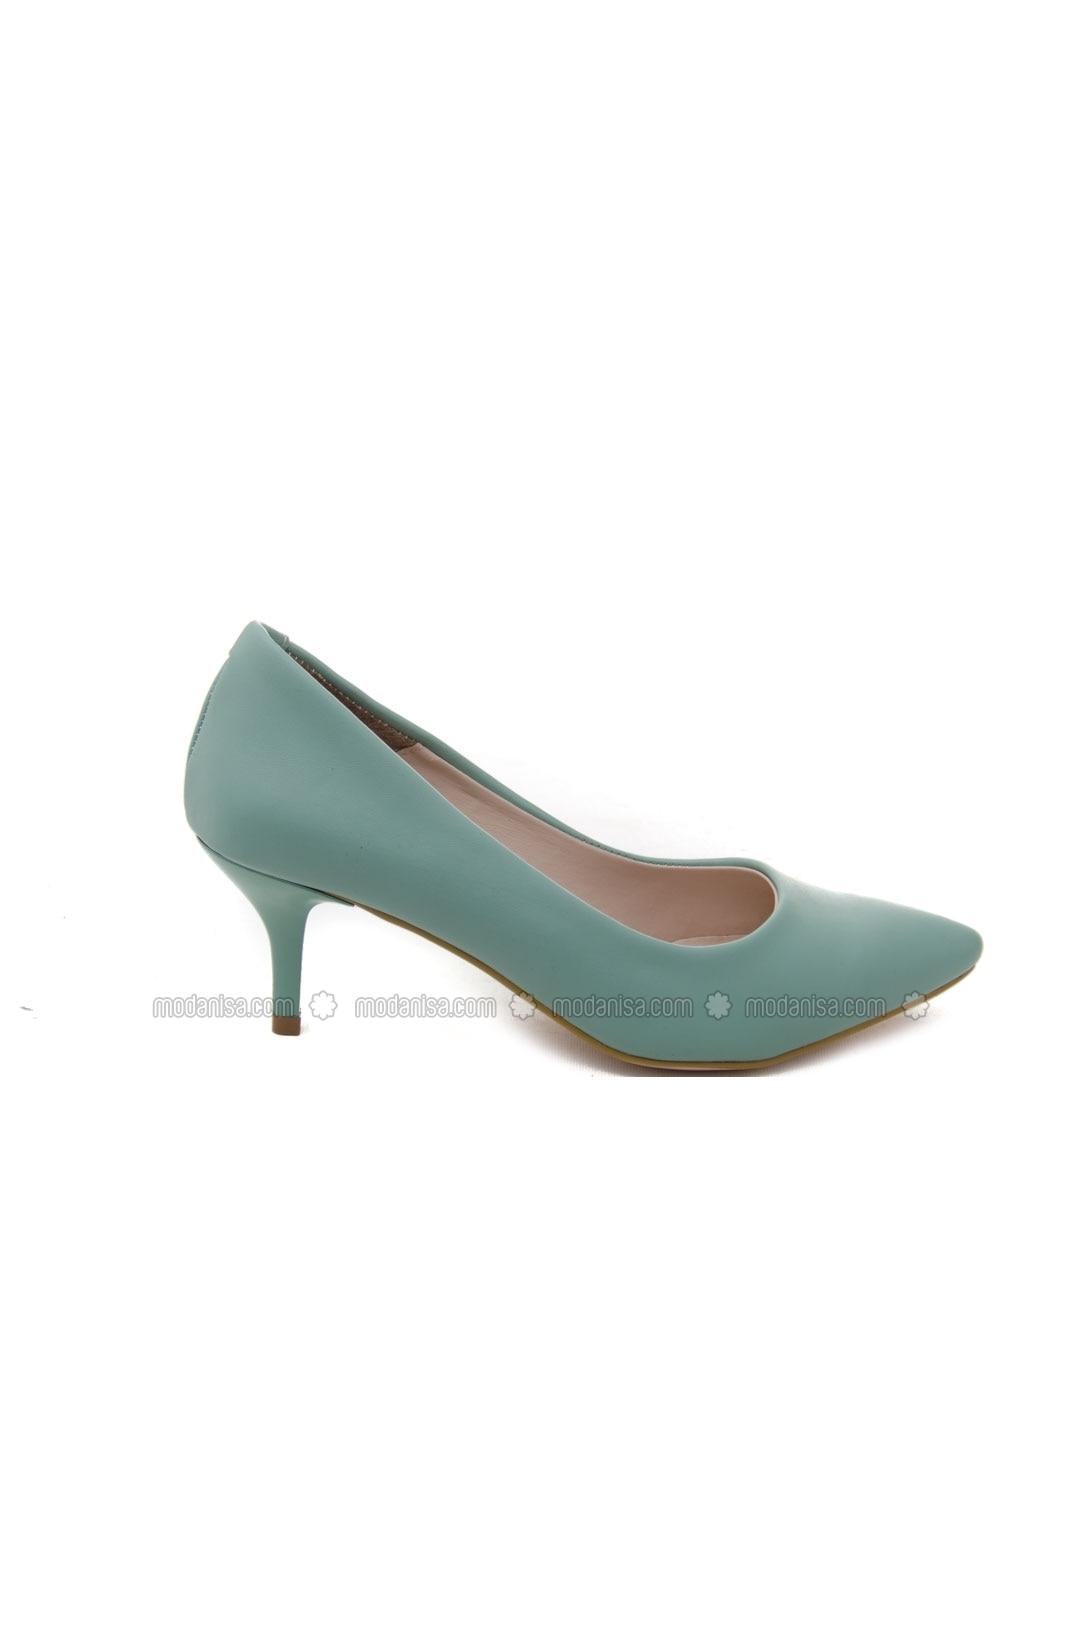 green high heel shoes ayakkabı havuzu by ayakkabı